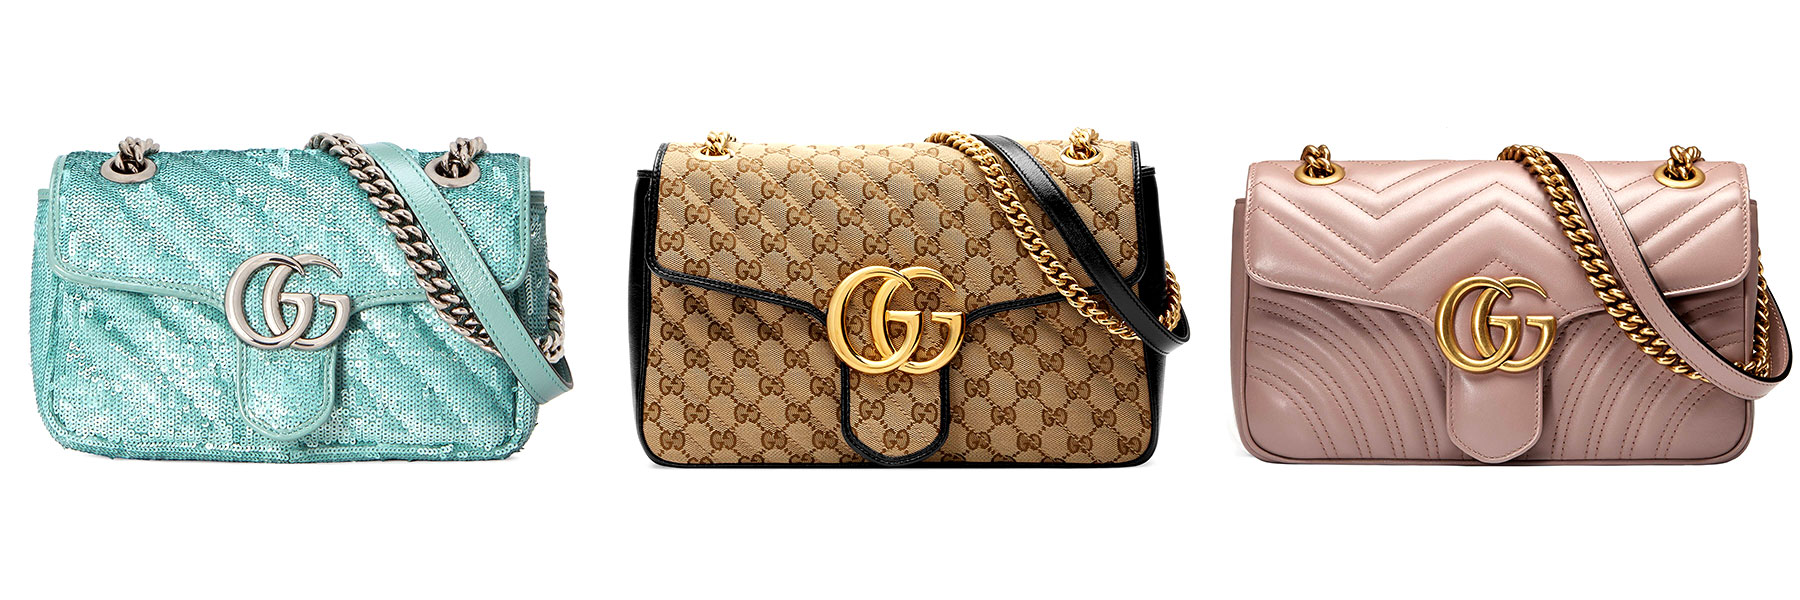 Có nên đầu tư mua túi Gucci GG Marmont? | Review 3